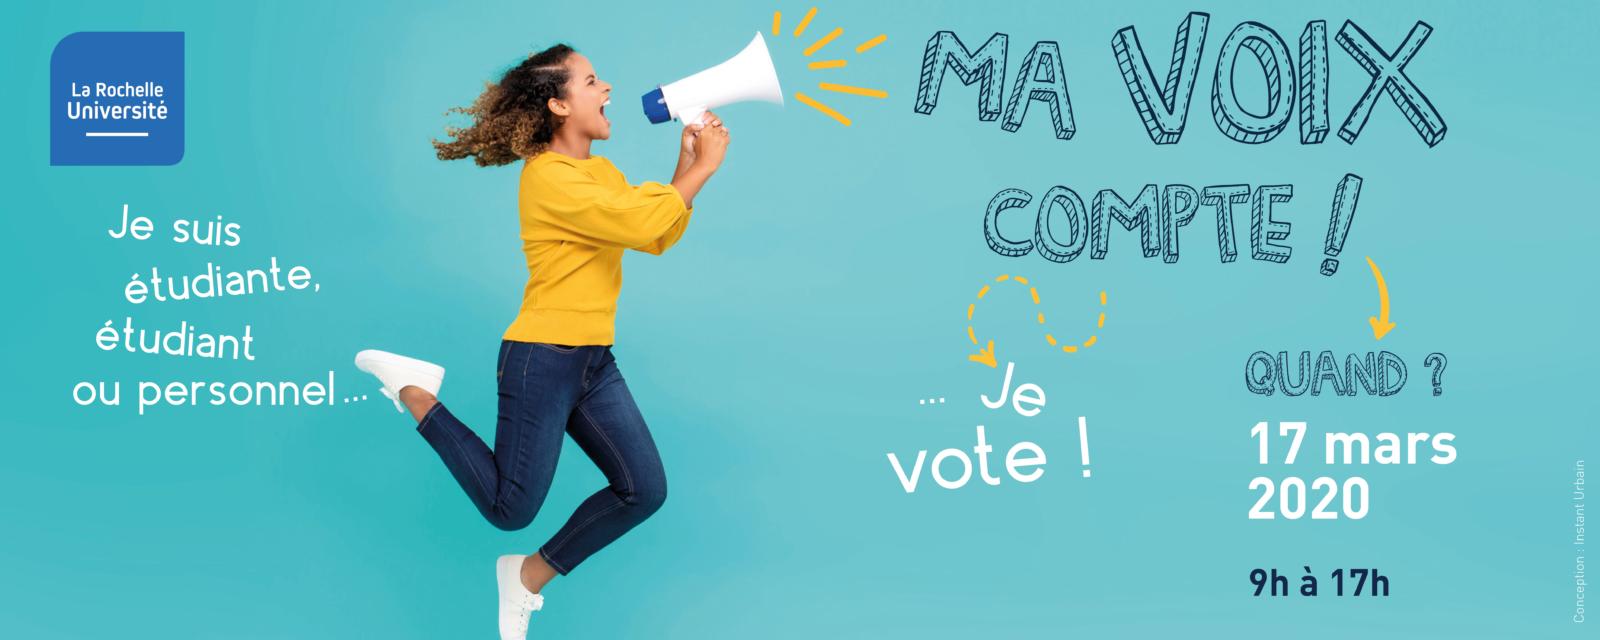 Je vote pour les élections du 17 mars 2020 1